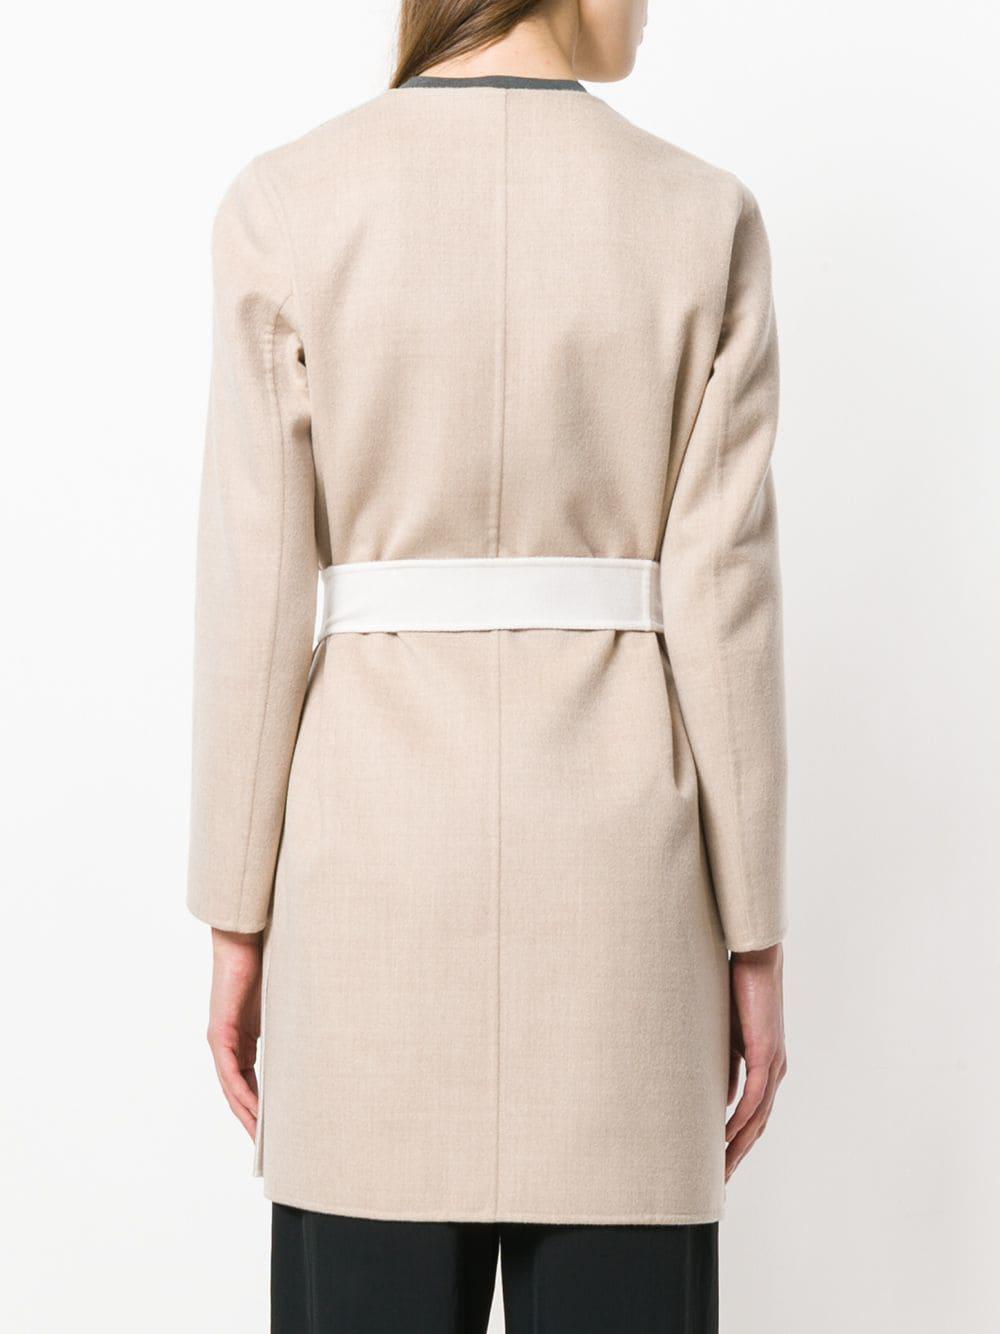 Max Mara Reversible Robe in Natural - Lyst 474885b21